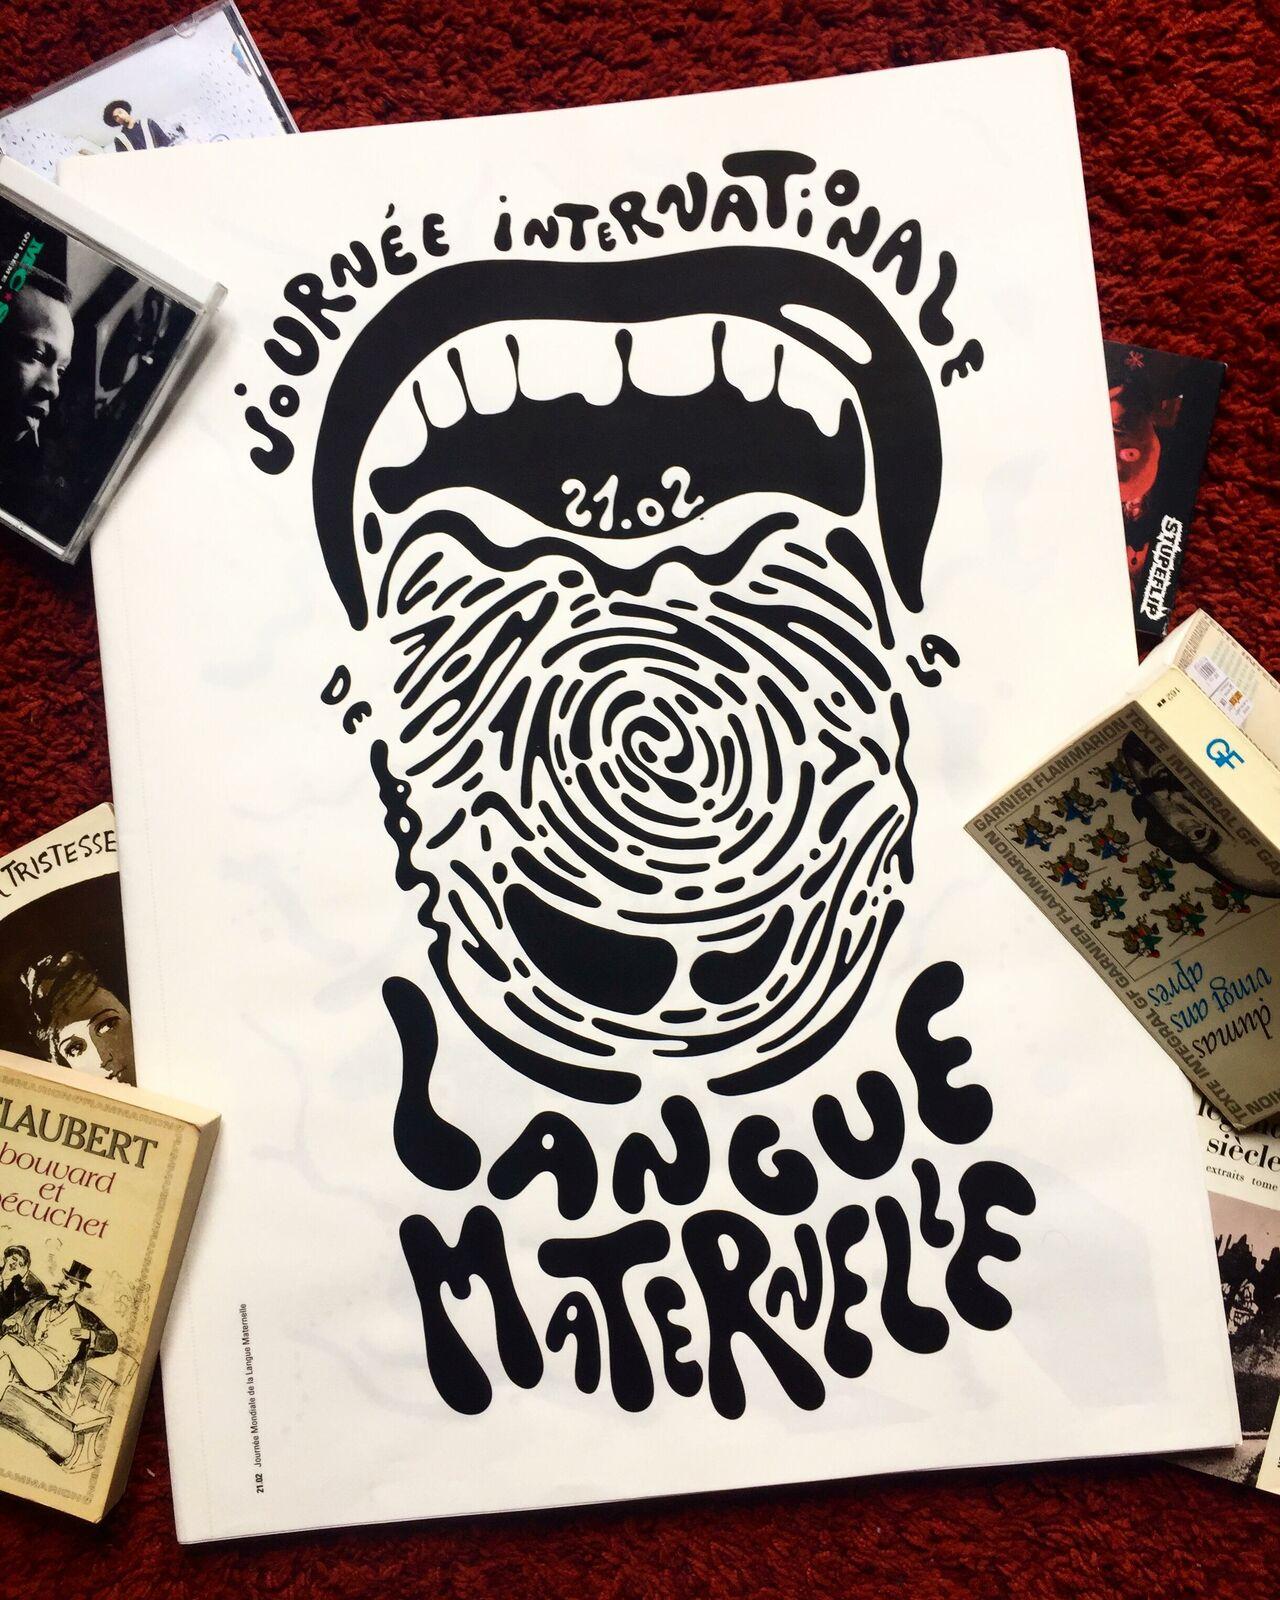 21 février, Journée de la langue maternelle